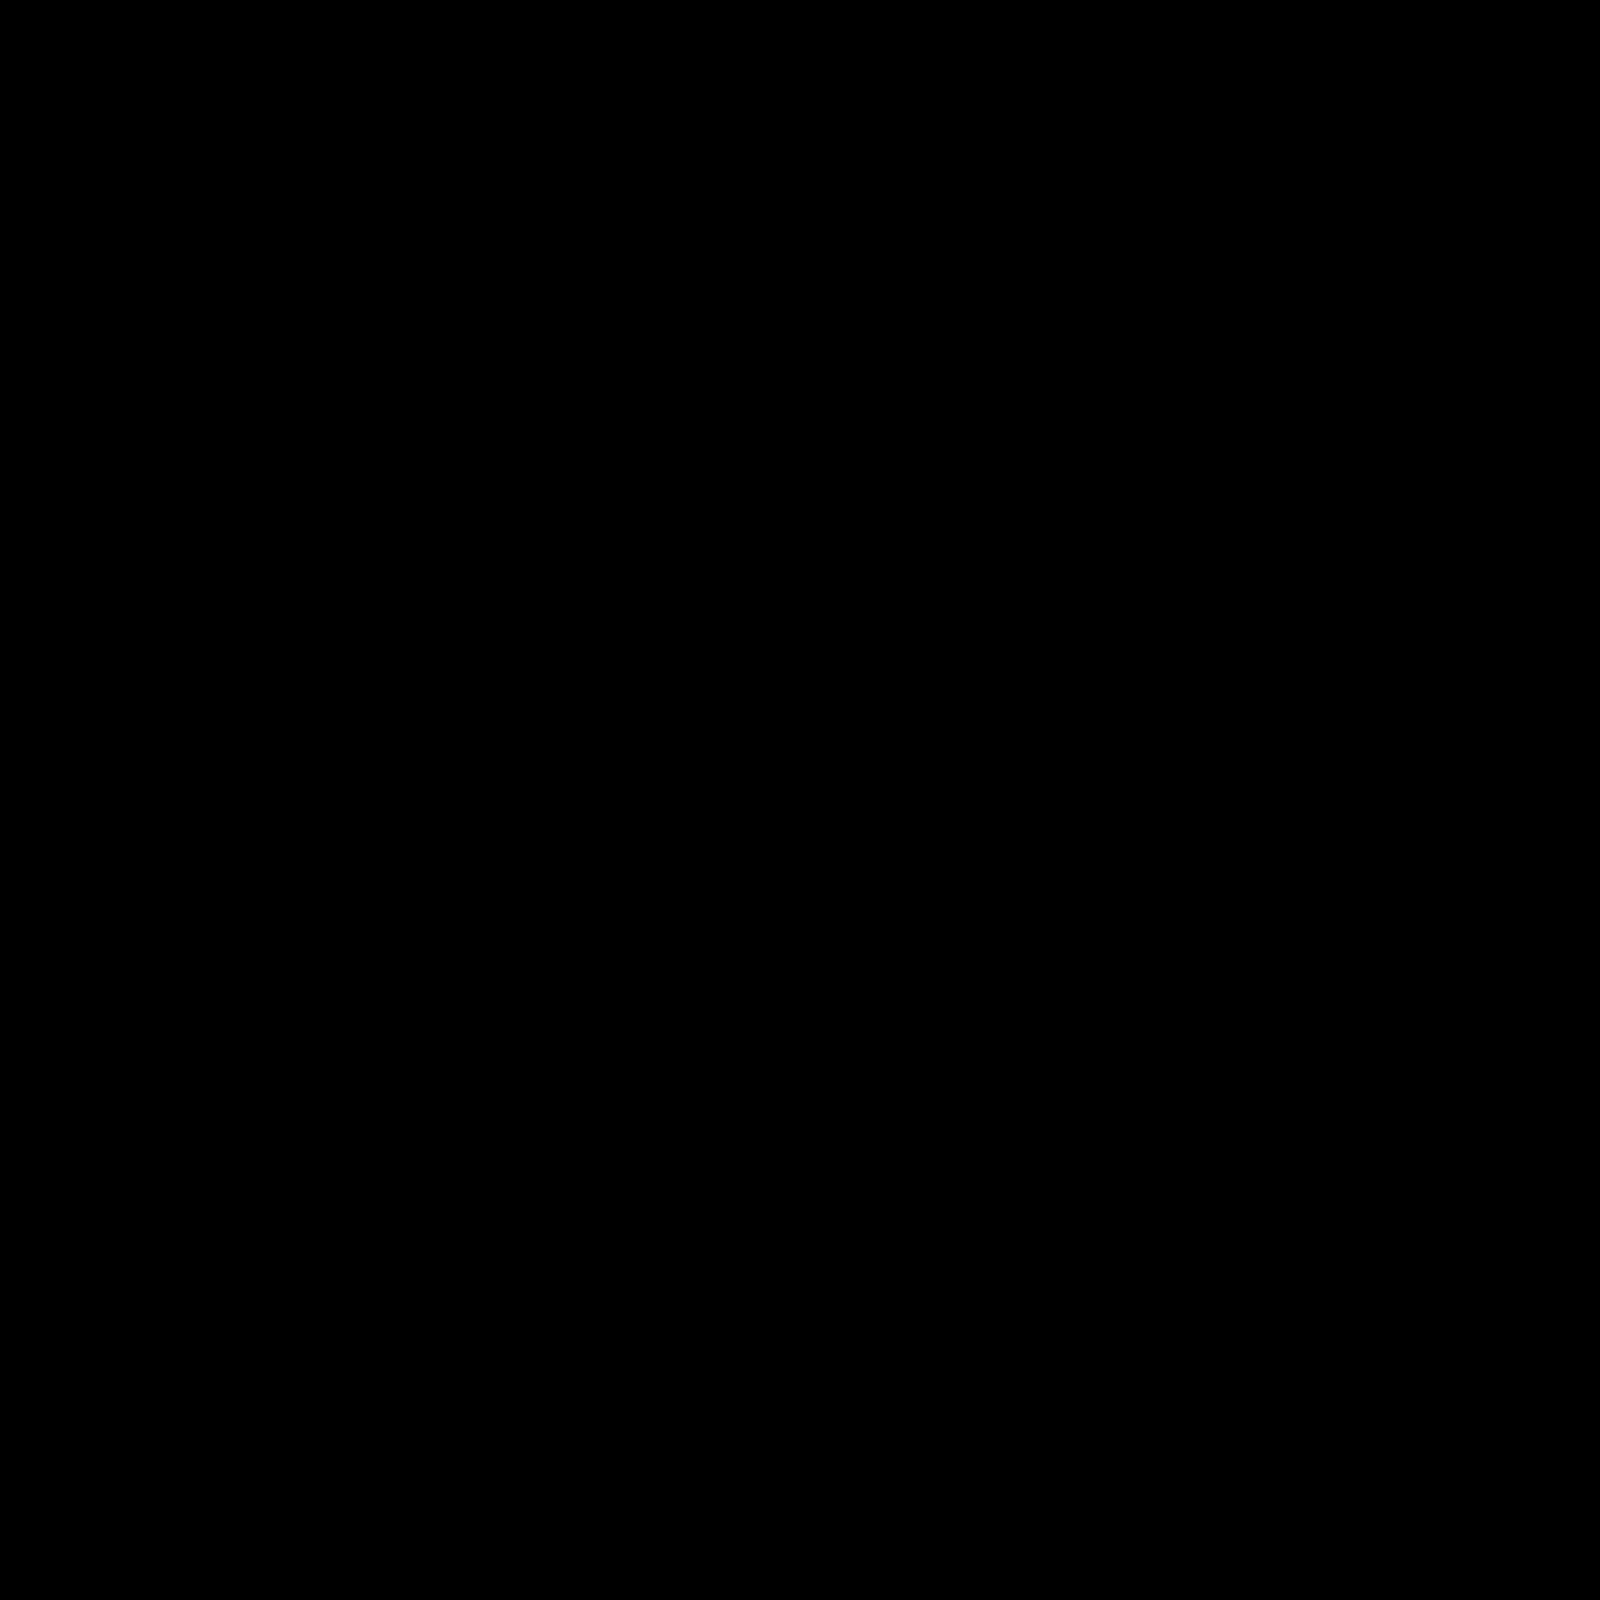 ショートカット icon